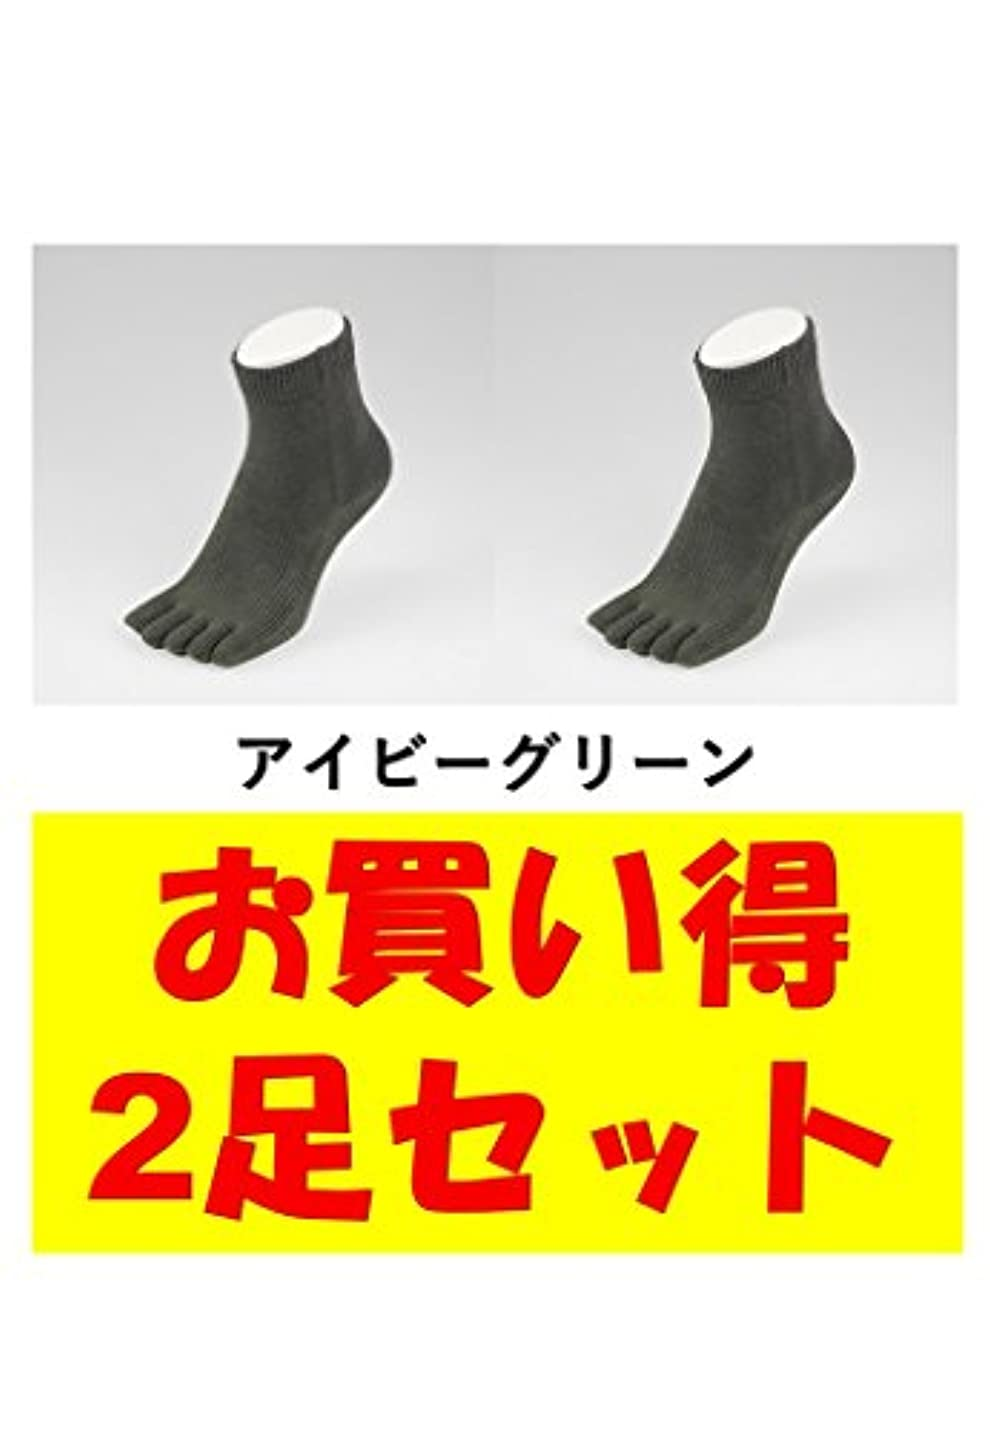 妖精可愛い費やすお買い得2足セット 5本指 ゆびのばソックス Neo EVE(イヴ) アイビーグリーン iサイズ(23.5cm - 25.5cm) YSNEVE-IGR